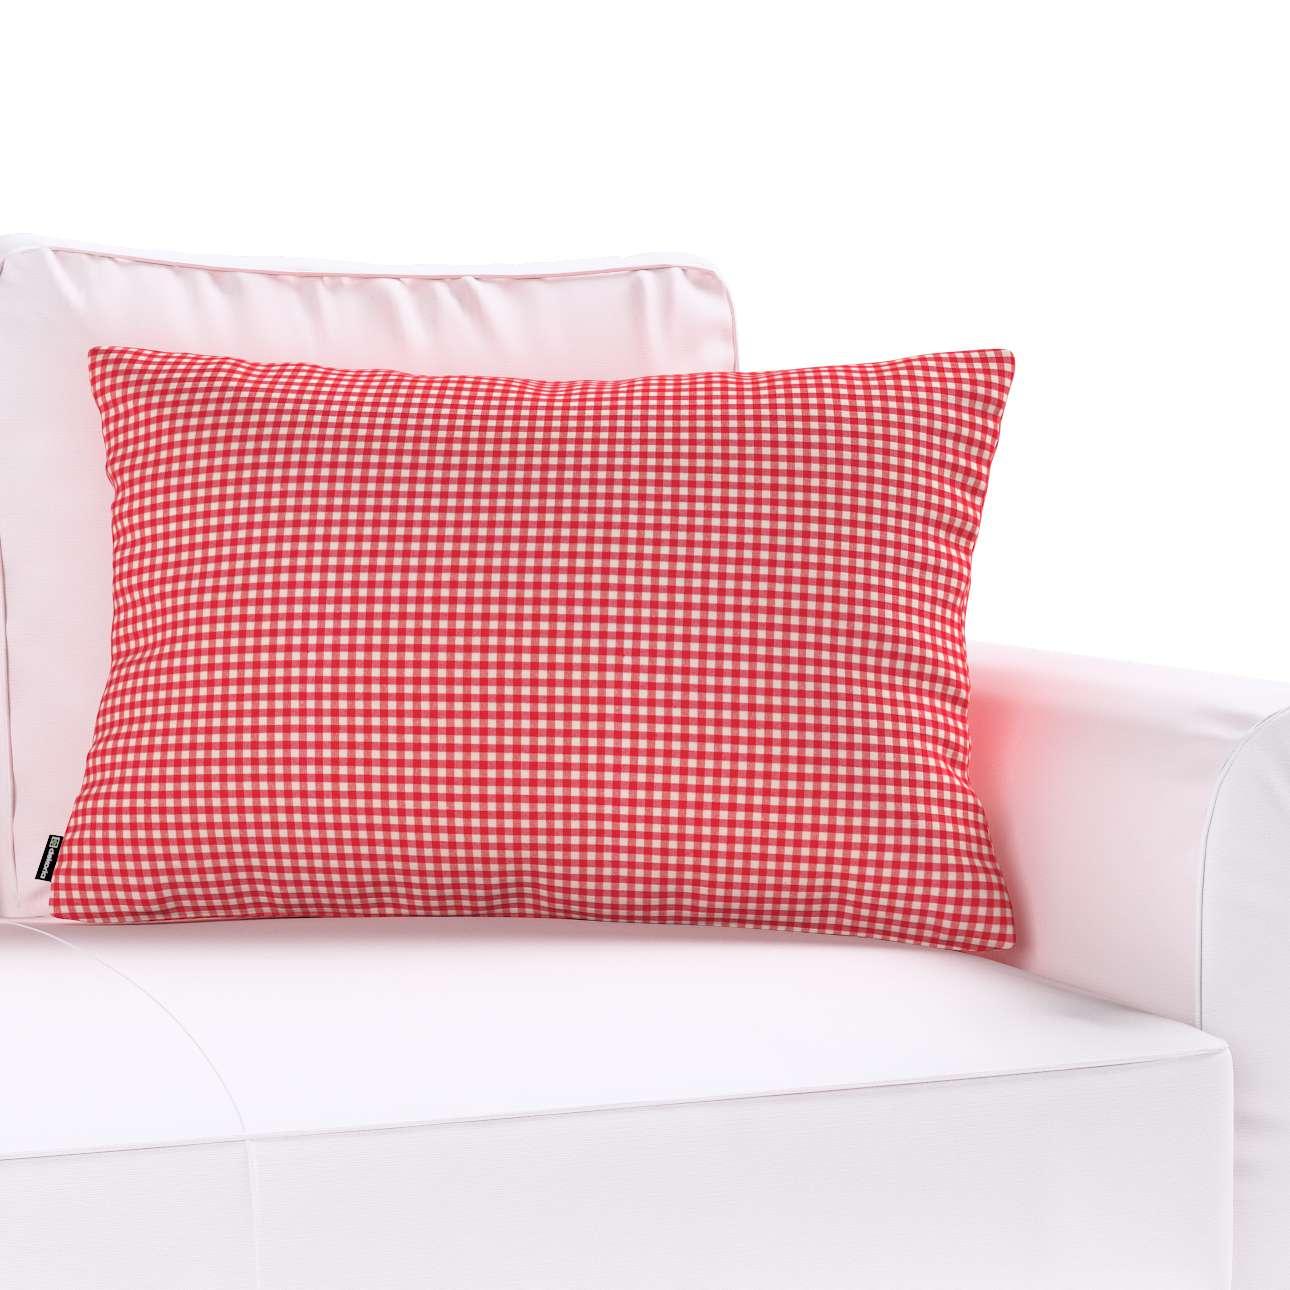 Karin - jednoduchá obliečka, 60x40cm V kolekcii Quadro, tkanina: 136-15